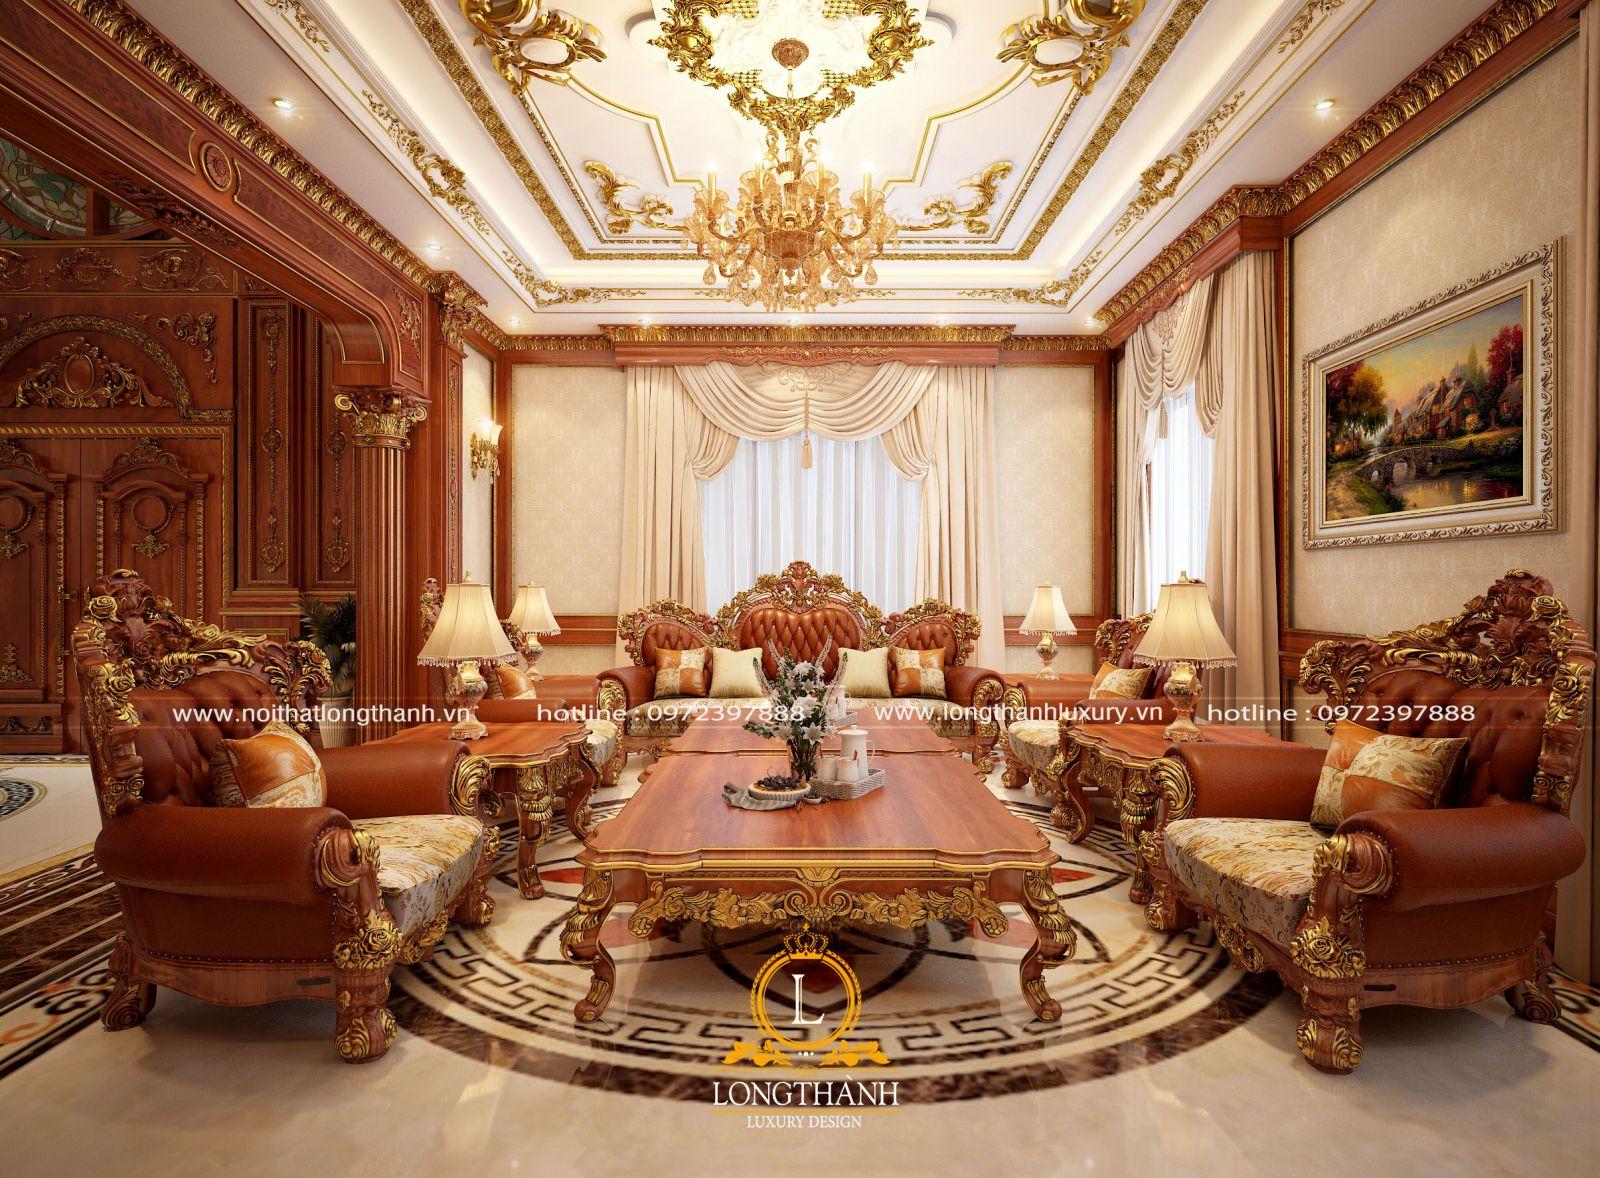 Bàn ghế sofa là hạng mục nội thất chính cho phòng khách tân cổ điển